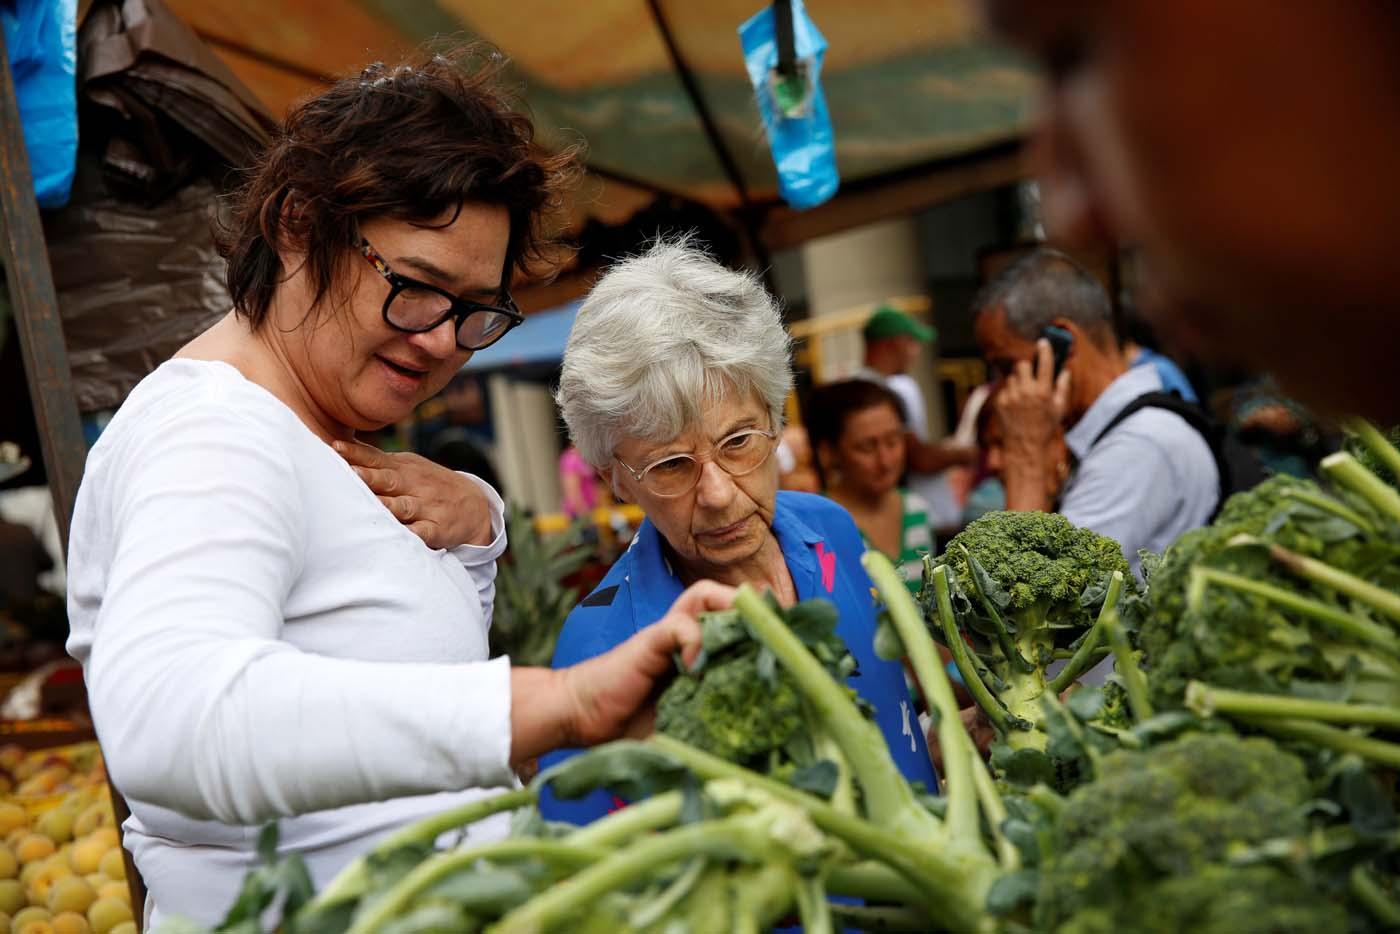 Comer menos demora el envejecimiento y extiende la esperanza de vida